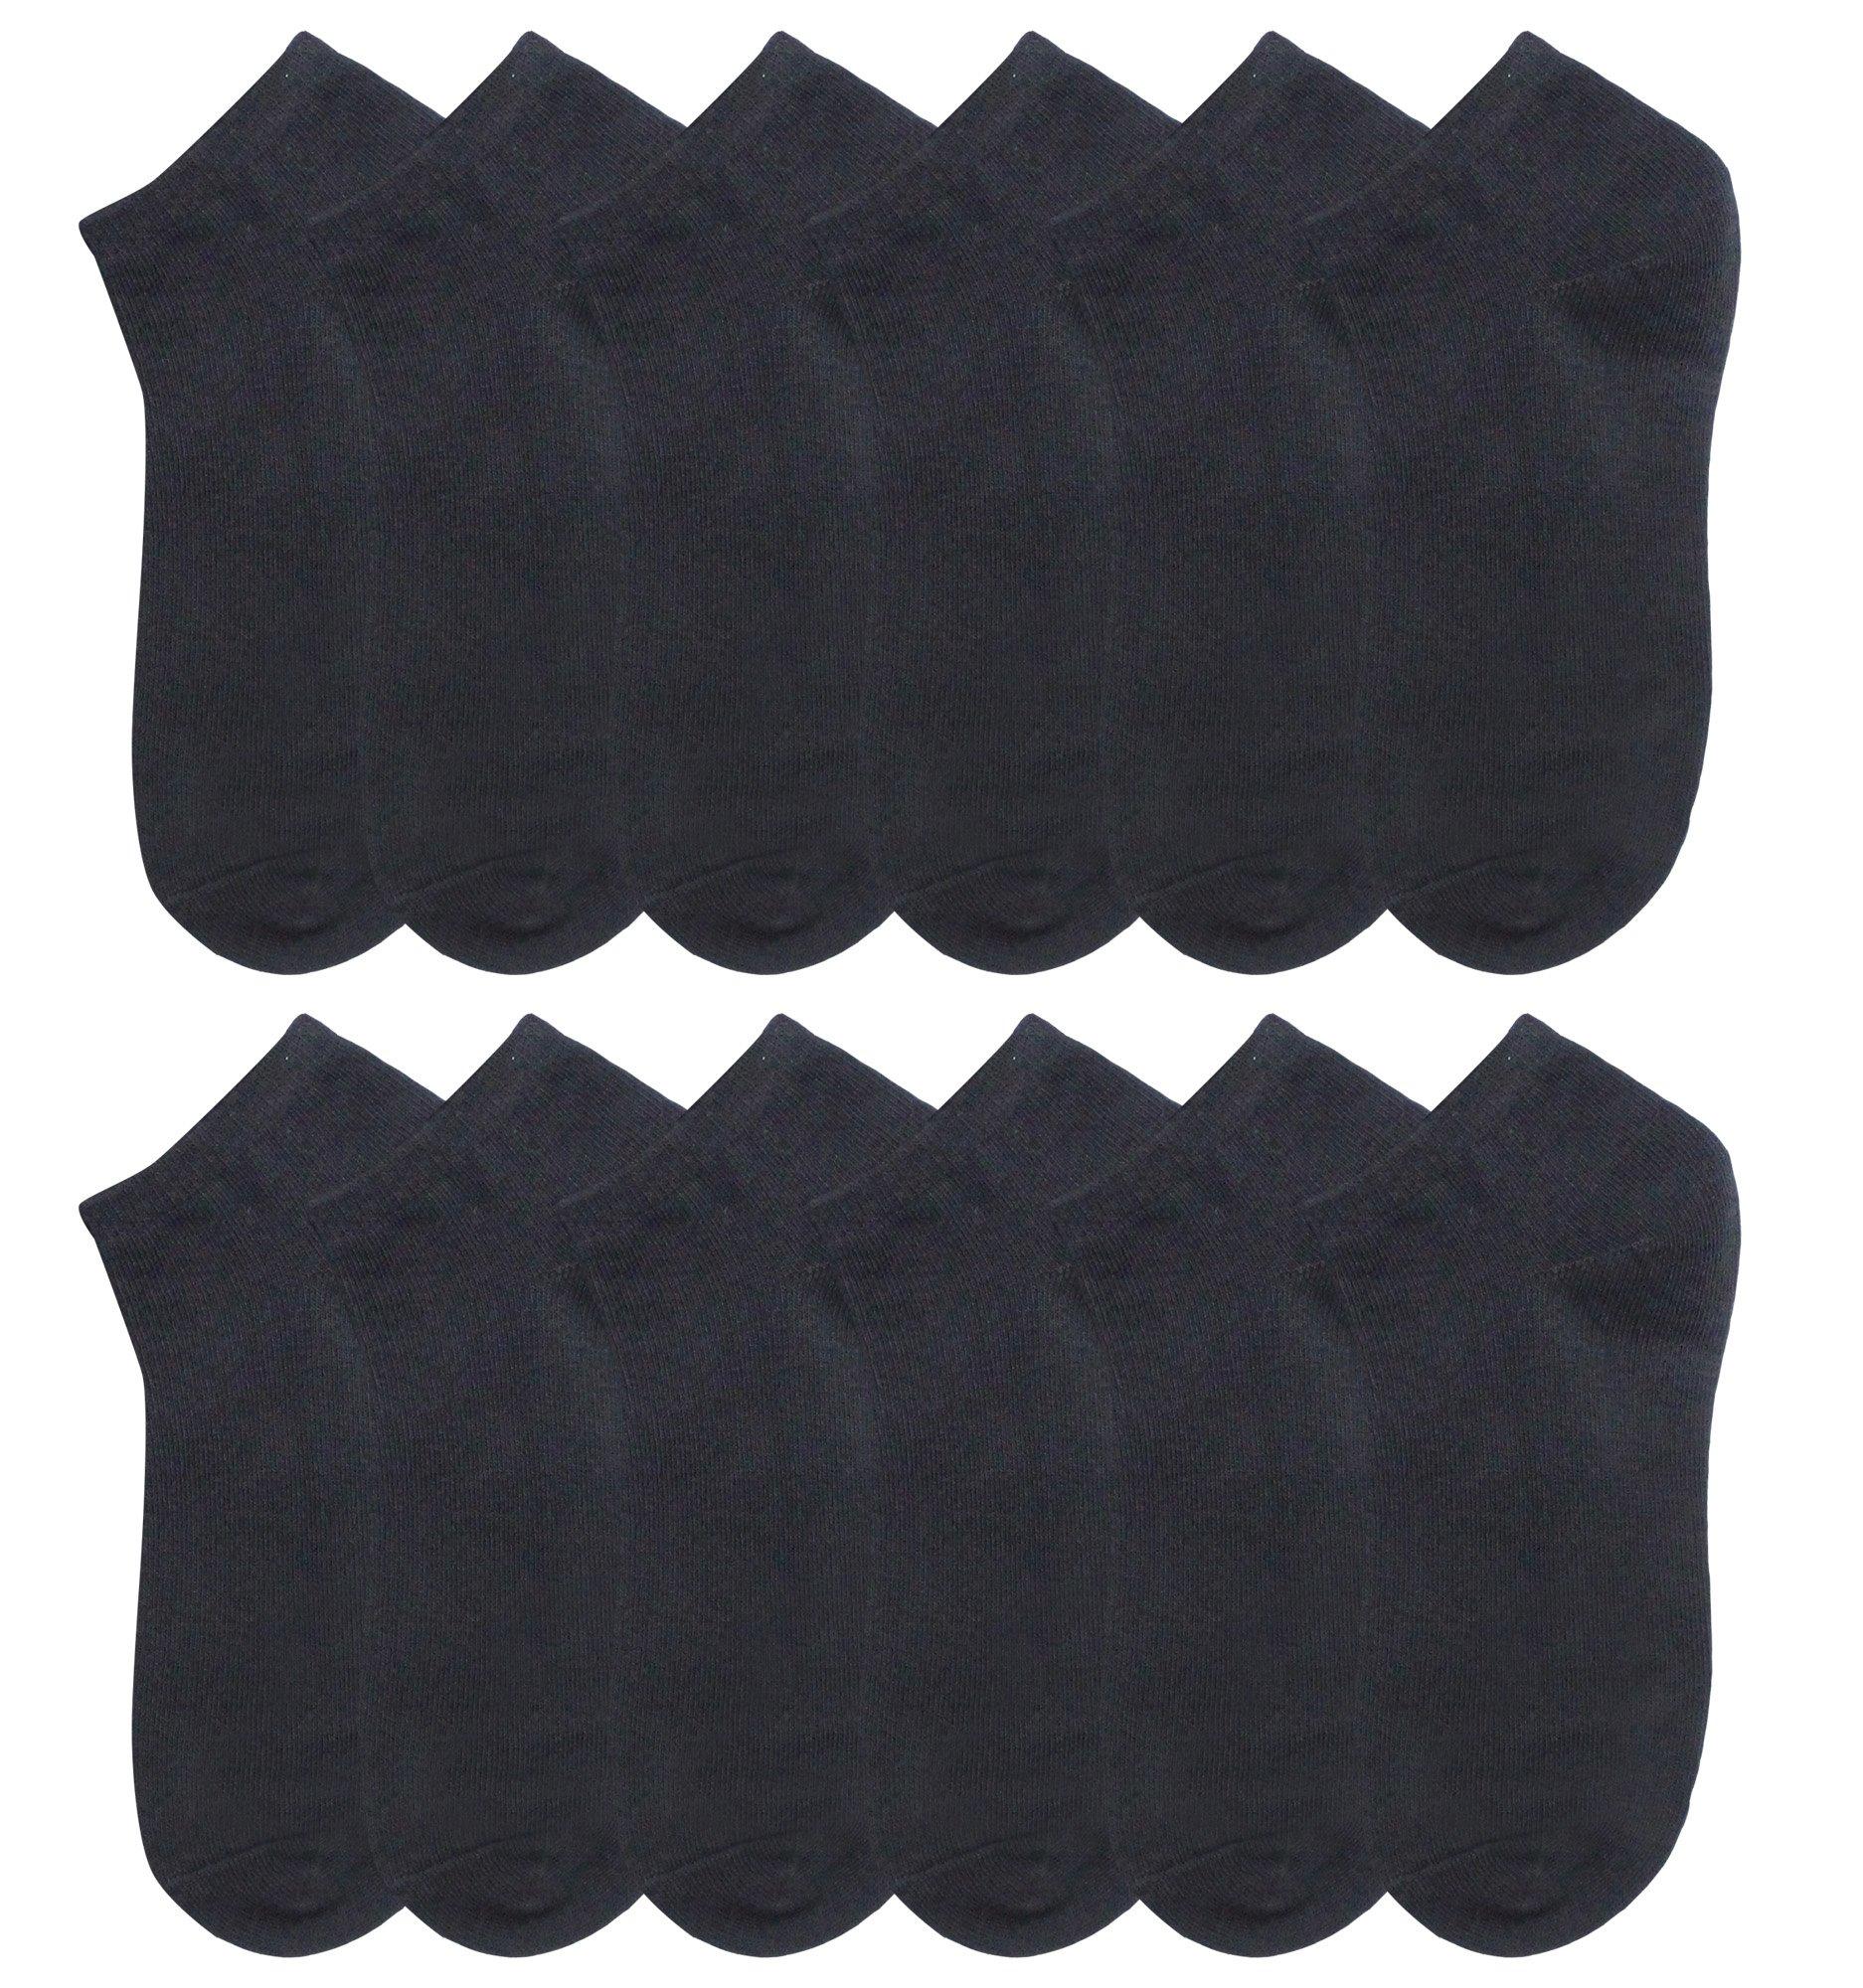 DZSbestdeal Girls' Dozen Pack Low Cut Socks Black 8-9.5 sock size/12-6shoe size